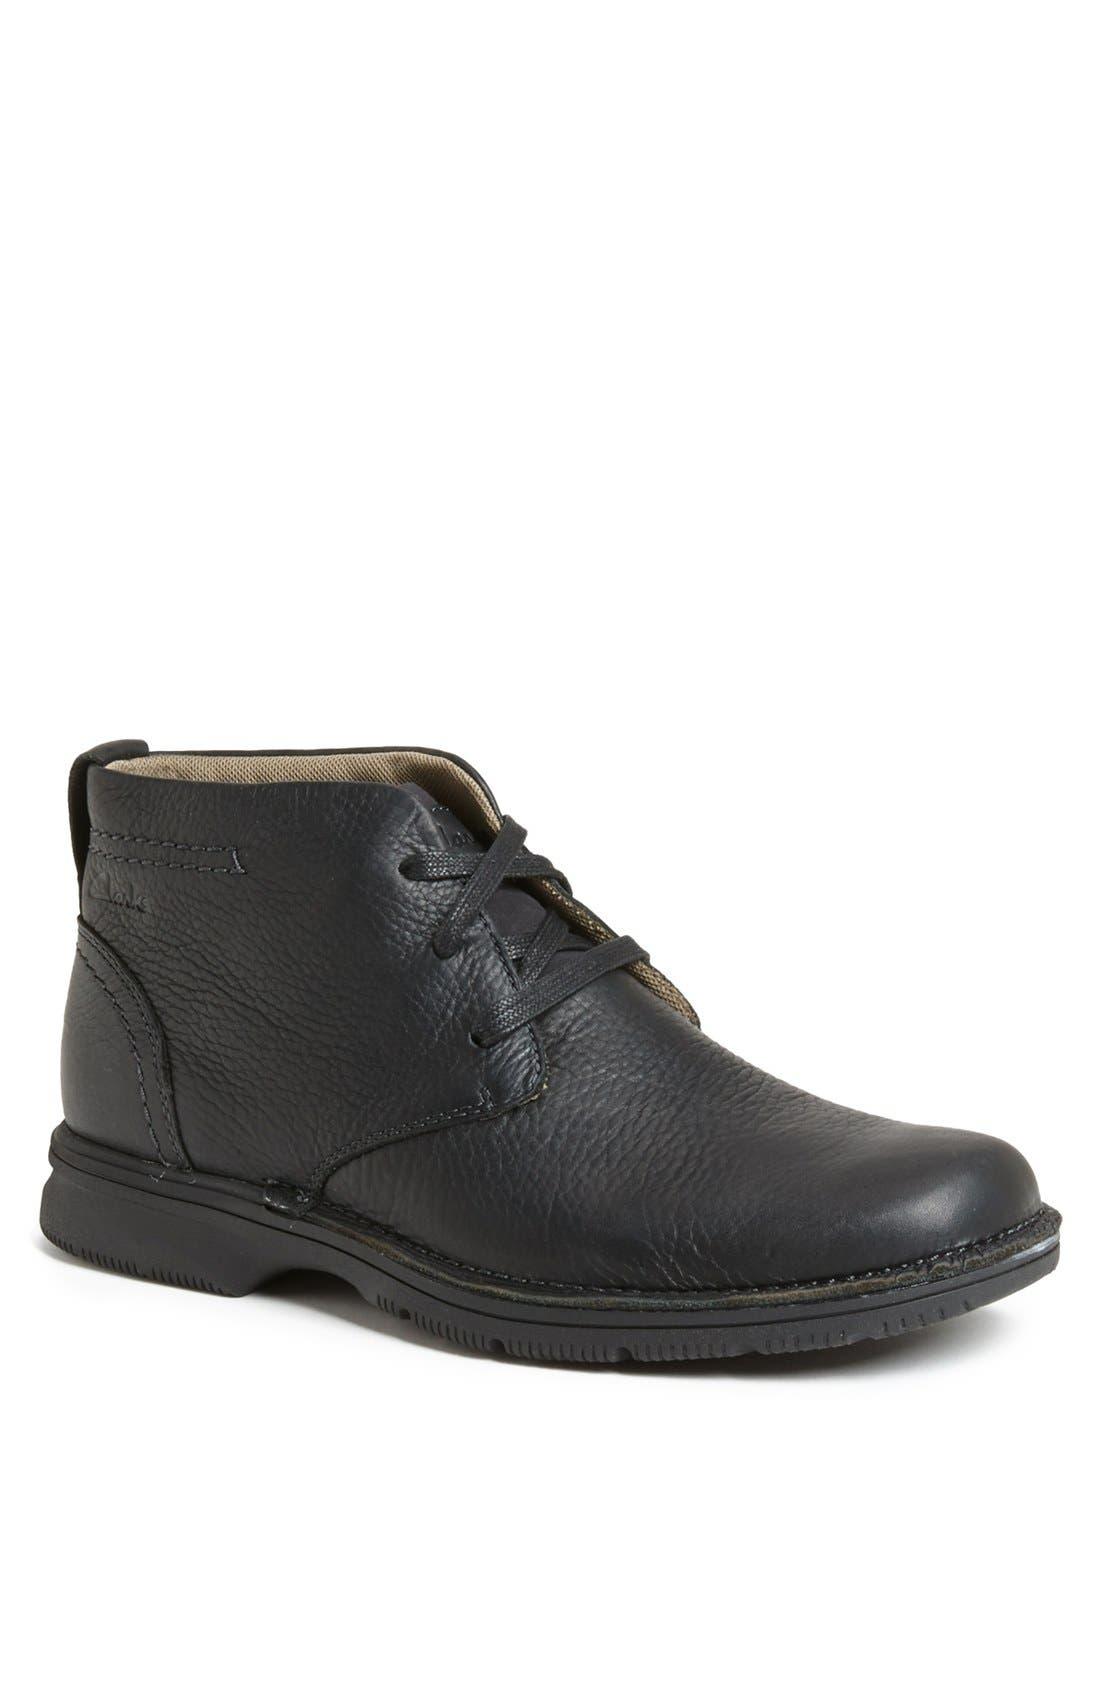 Main Image - Clarks® 'Senner Ave' Chukka Boot   (Men)